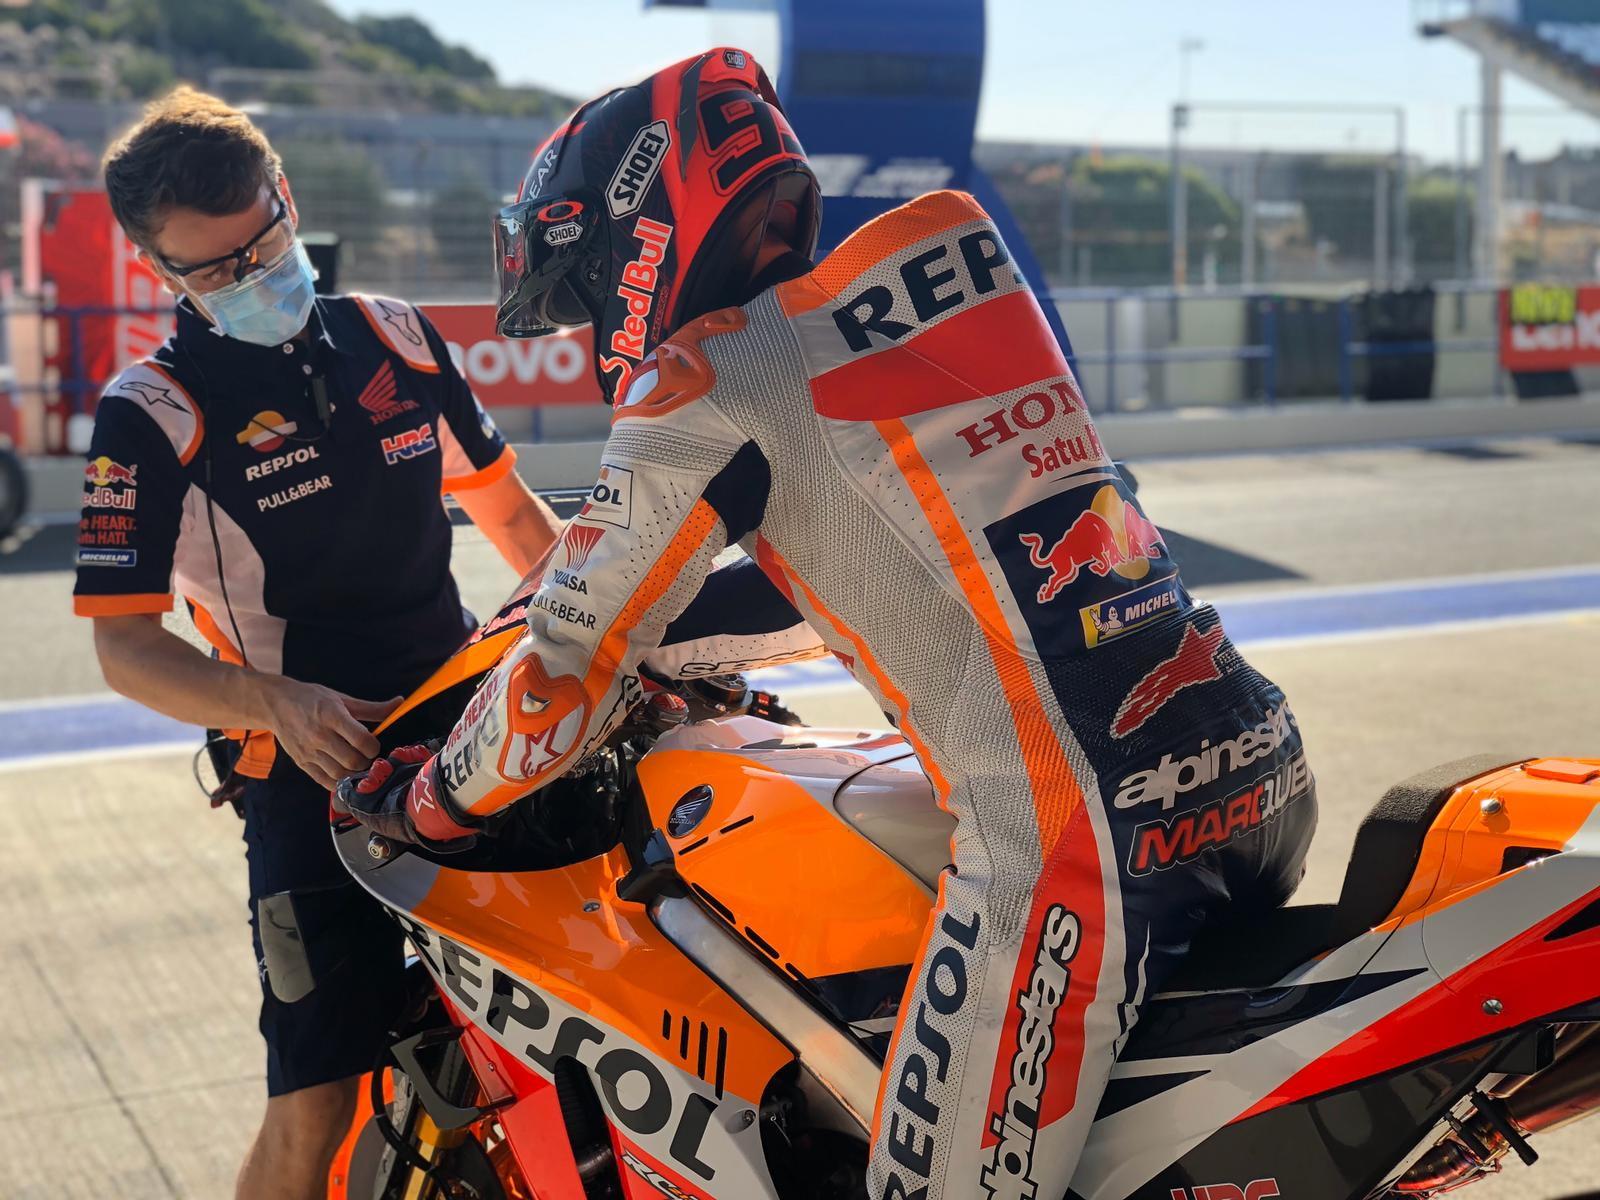 I piloti hanno girato a Jerez per un test in vista del primo weekend della stagione